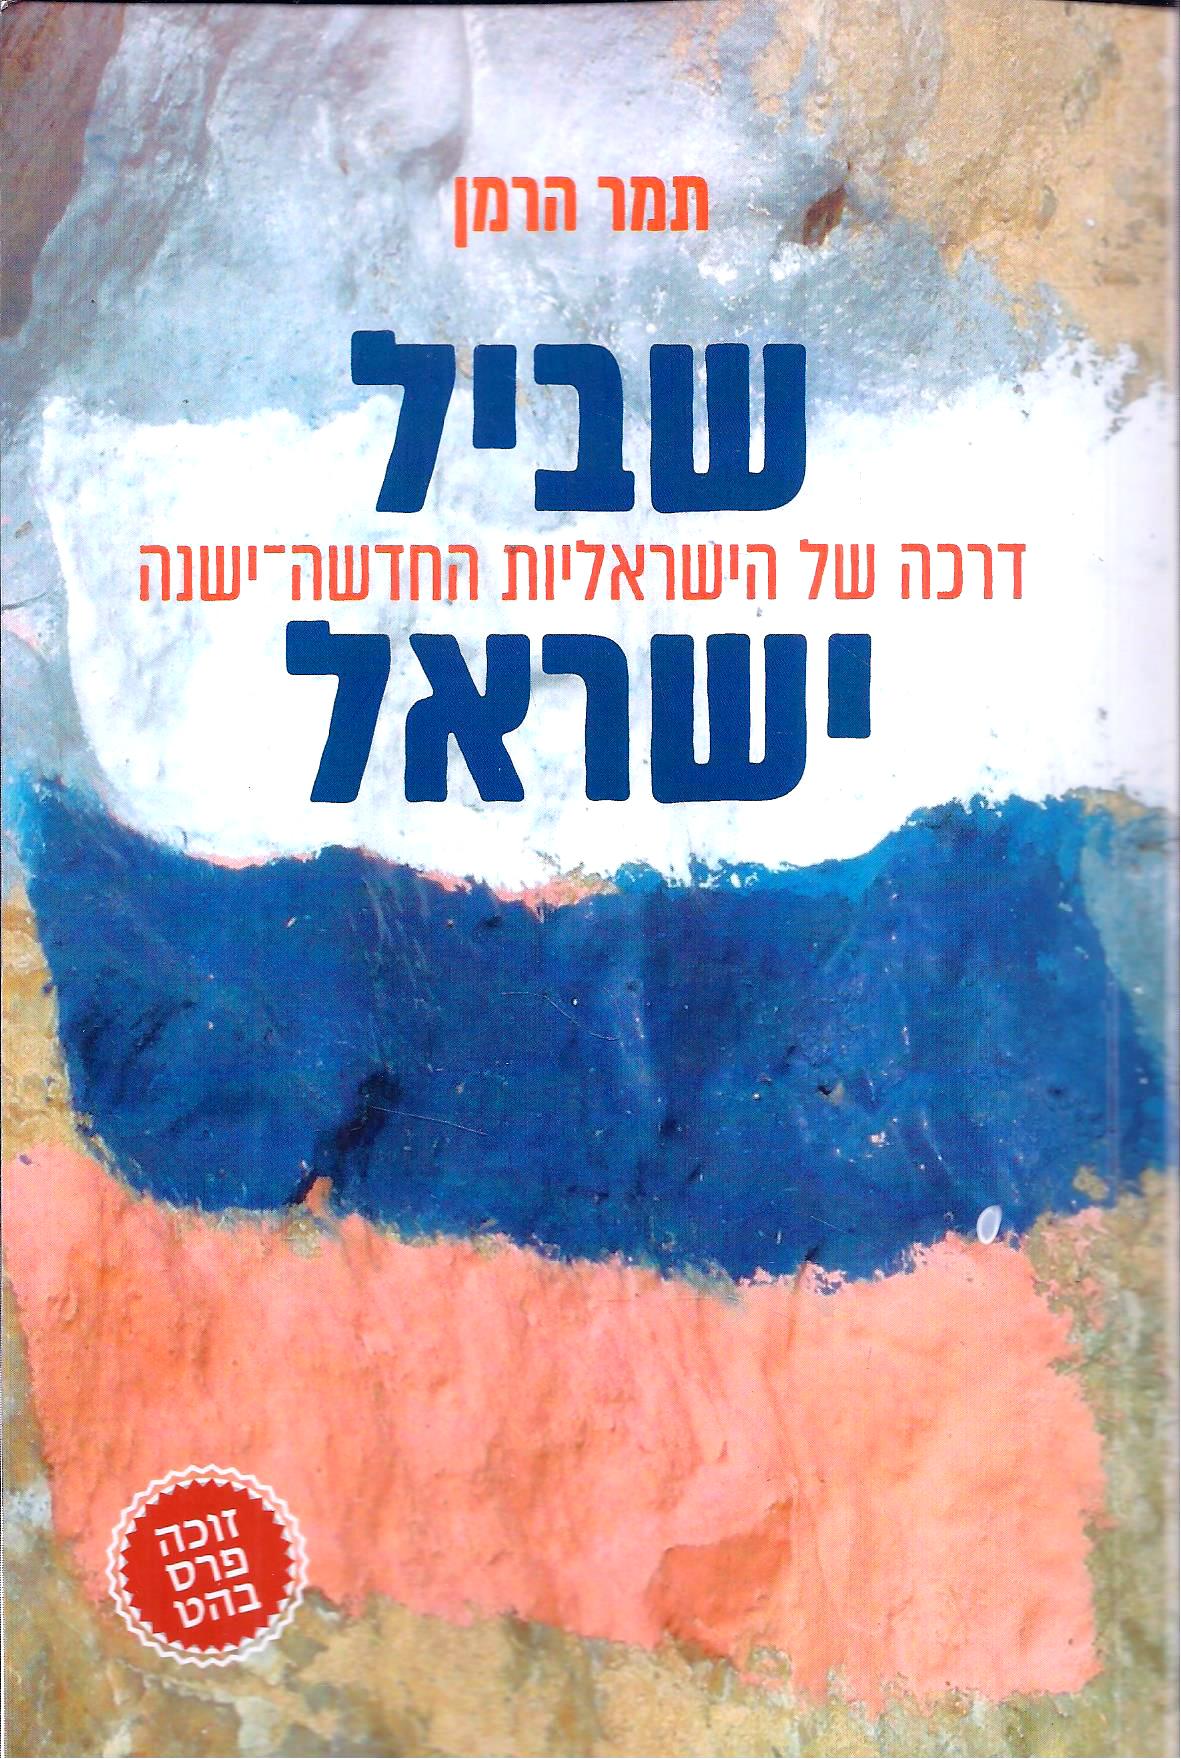 שביל ישראל : דרכה של הישראליות החדשה-ישנה